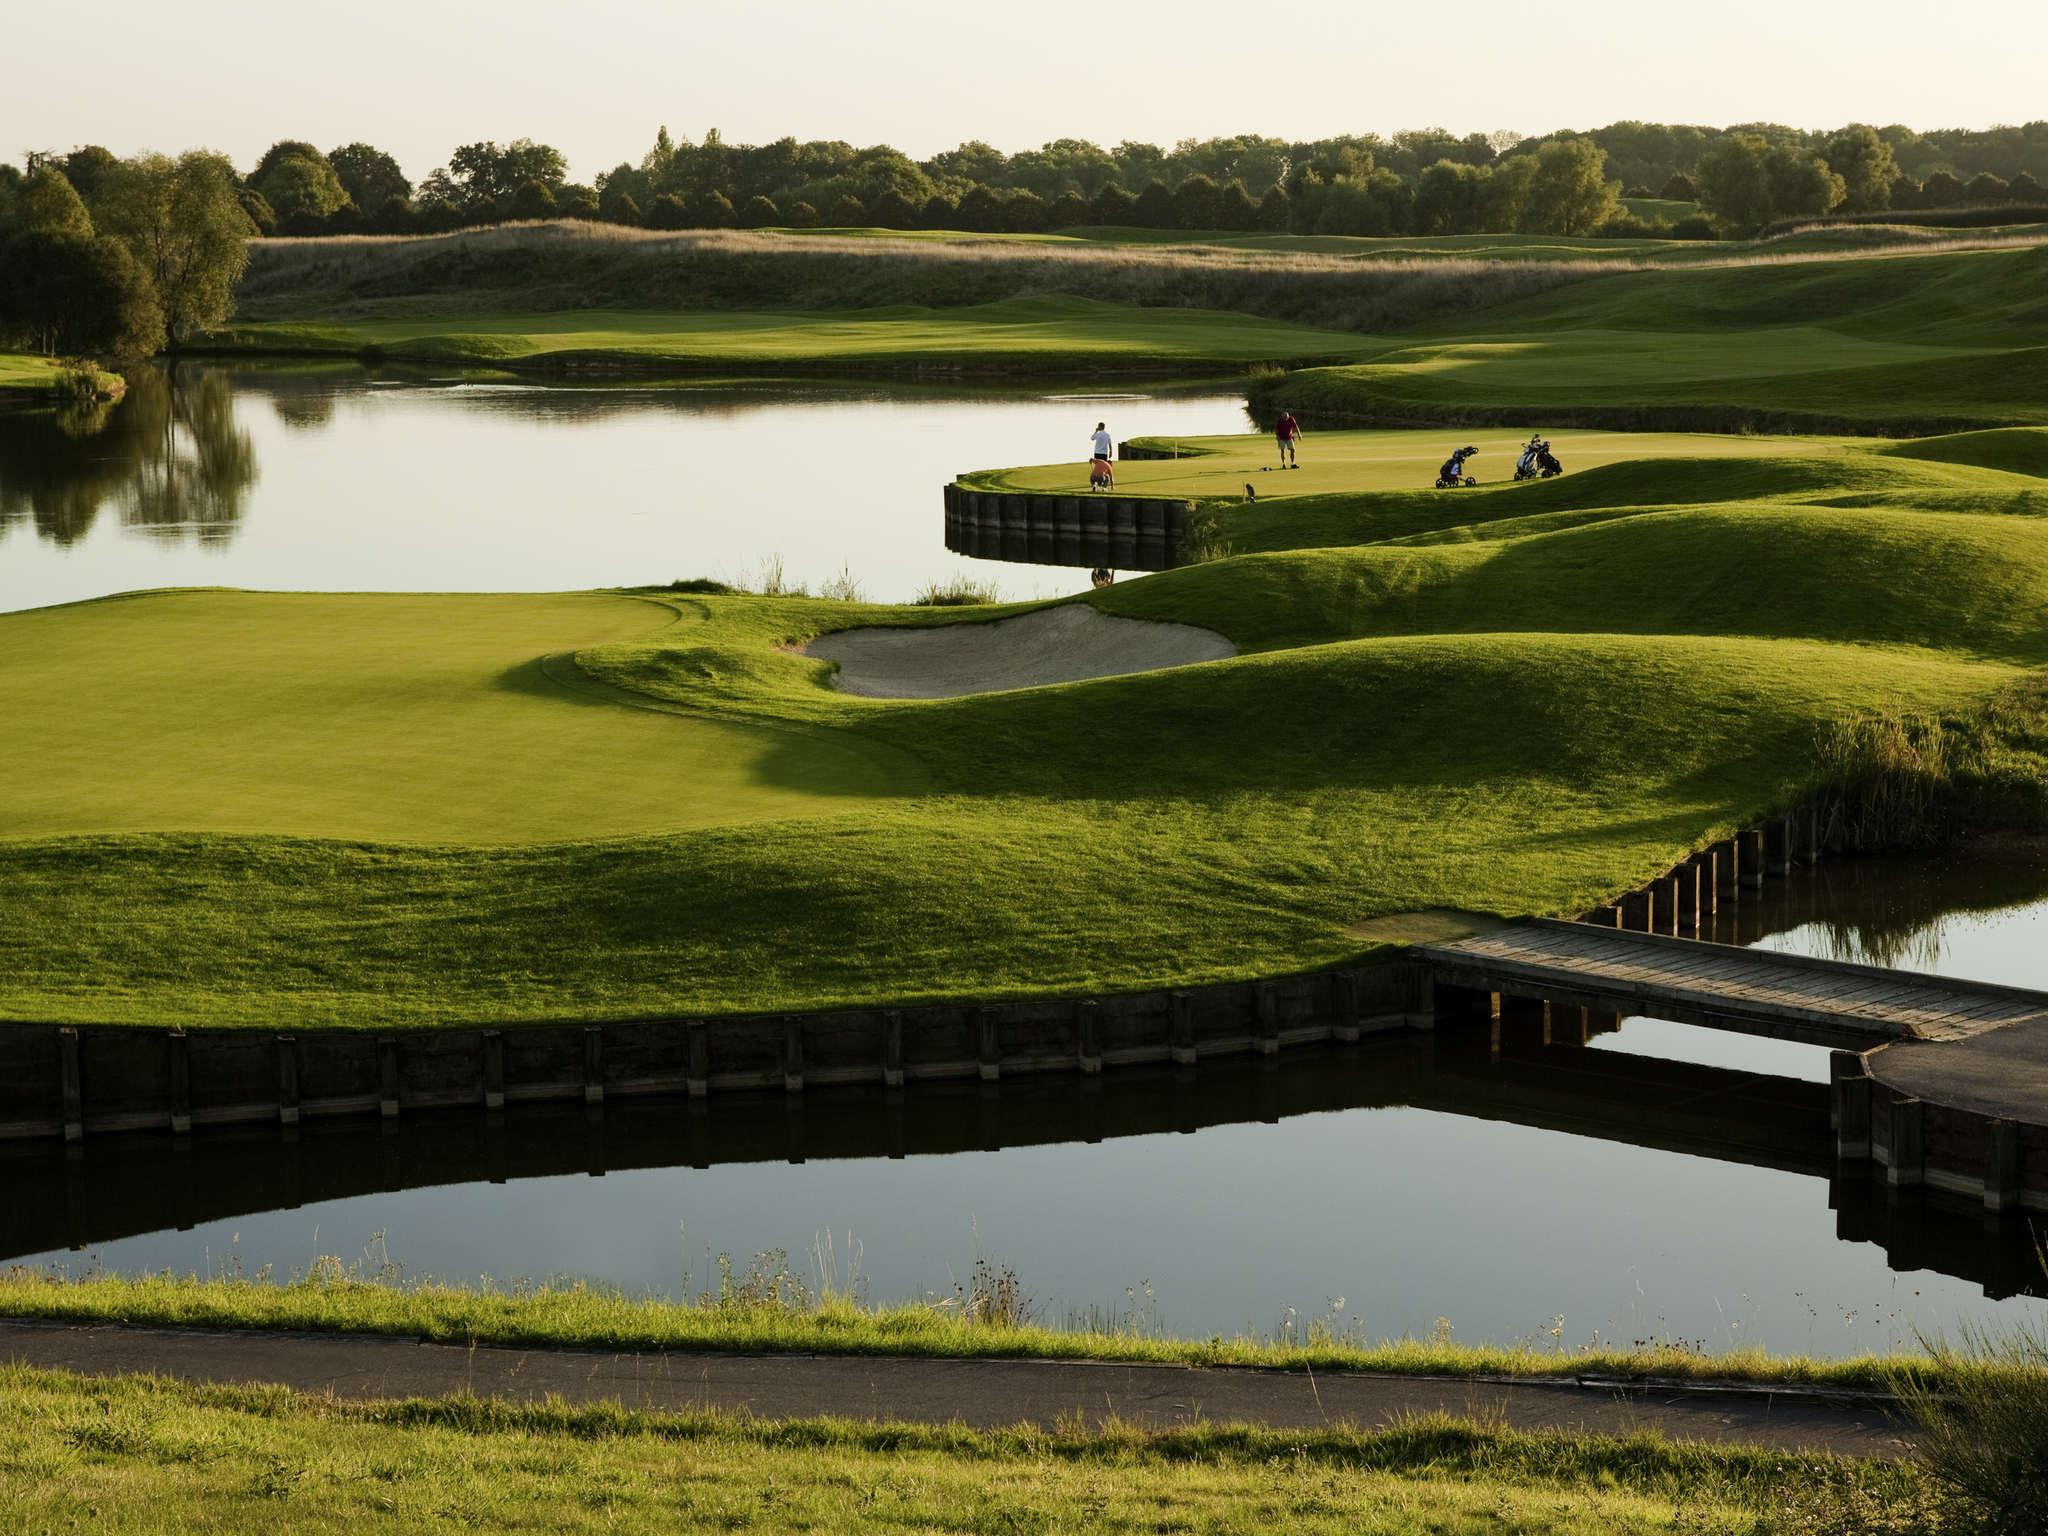 Otel – Novotel Saint-Quentin Golf National